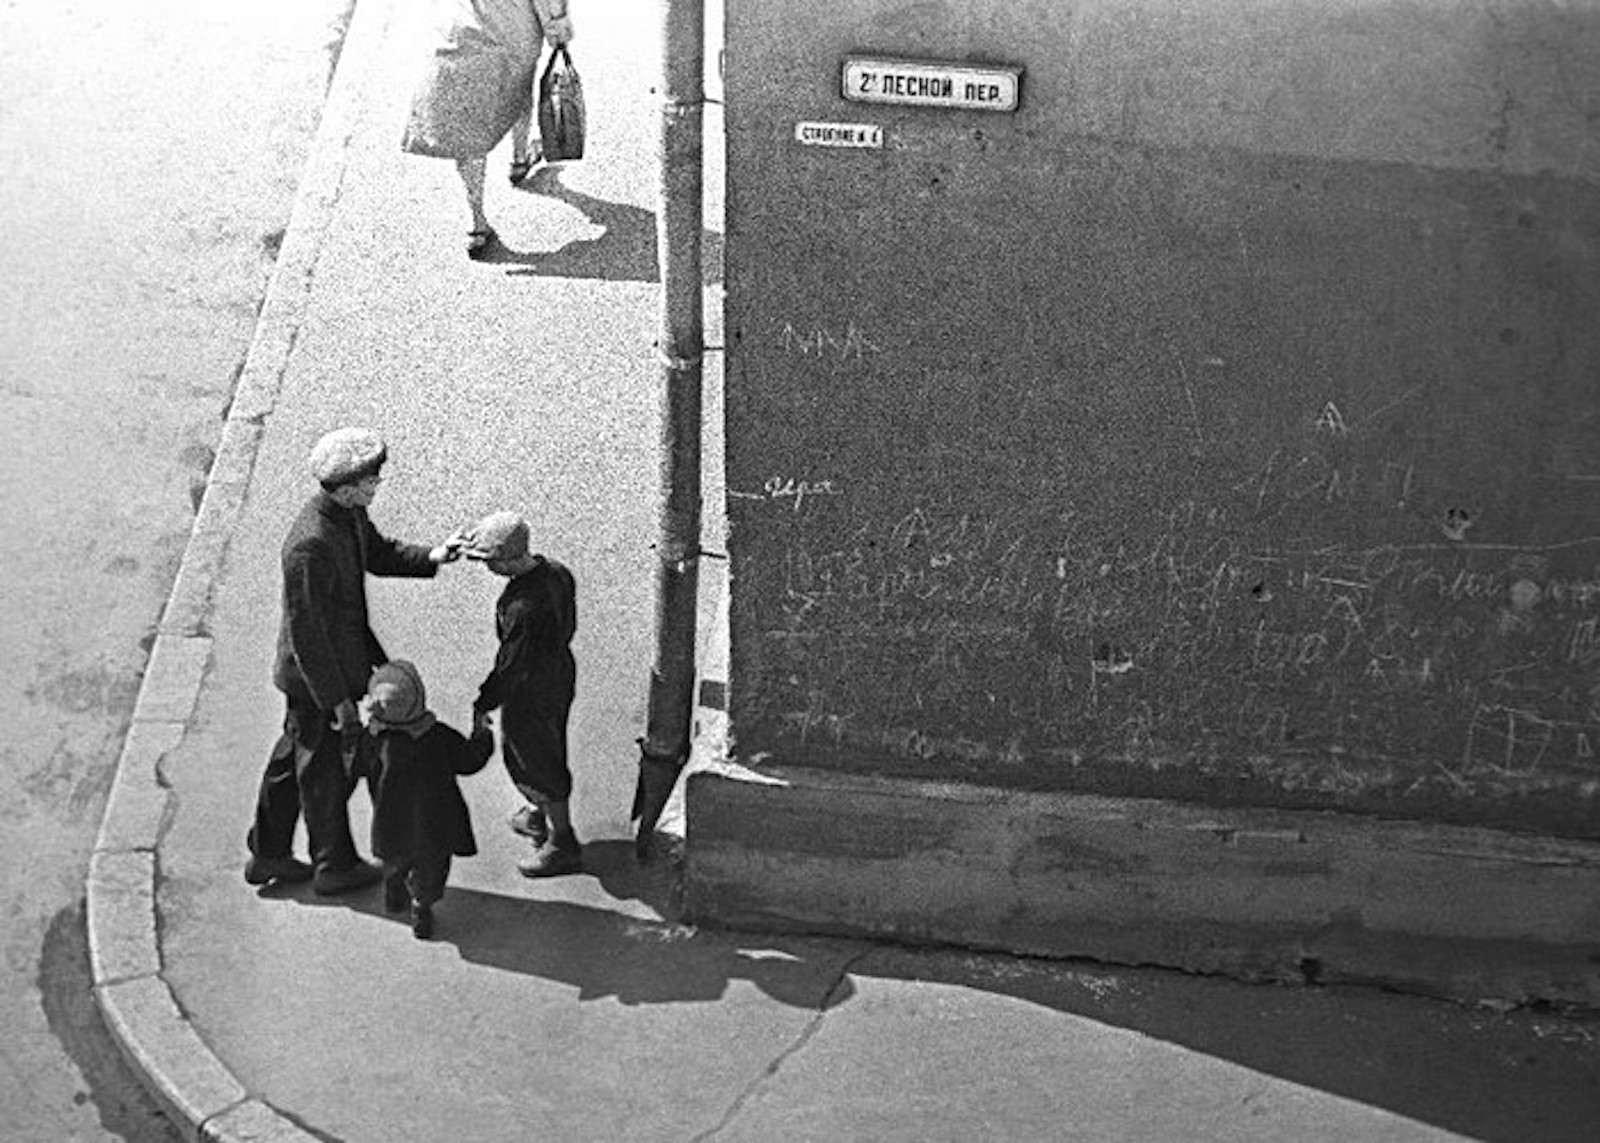 第2レスノイ通りの曲がり角にて、1958年